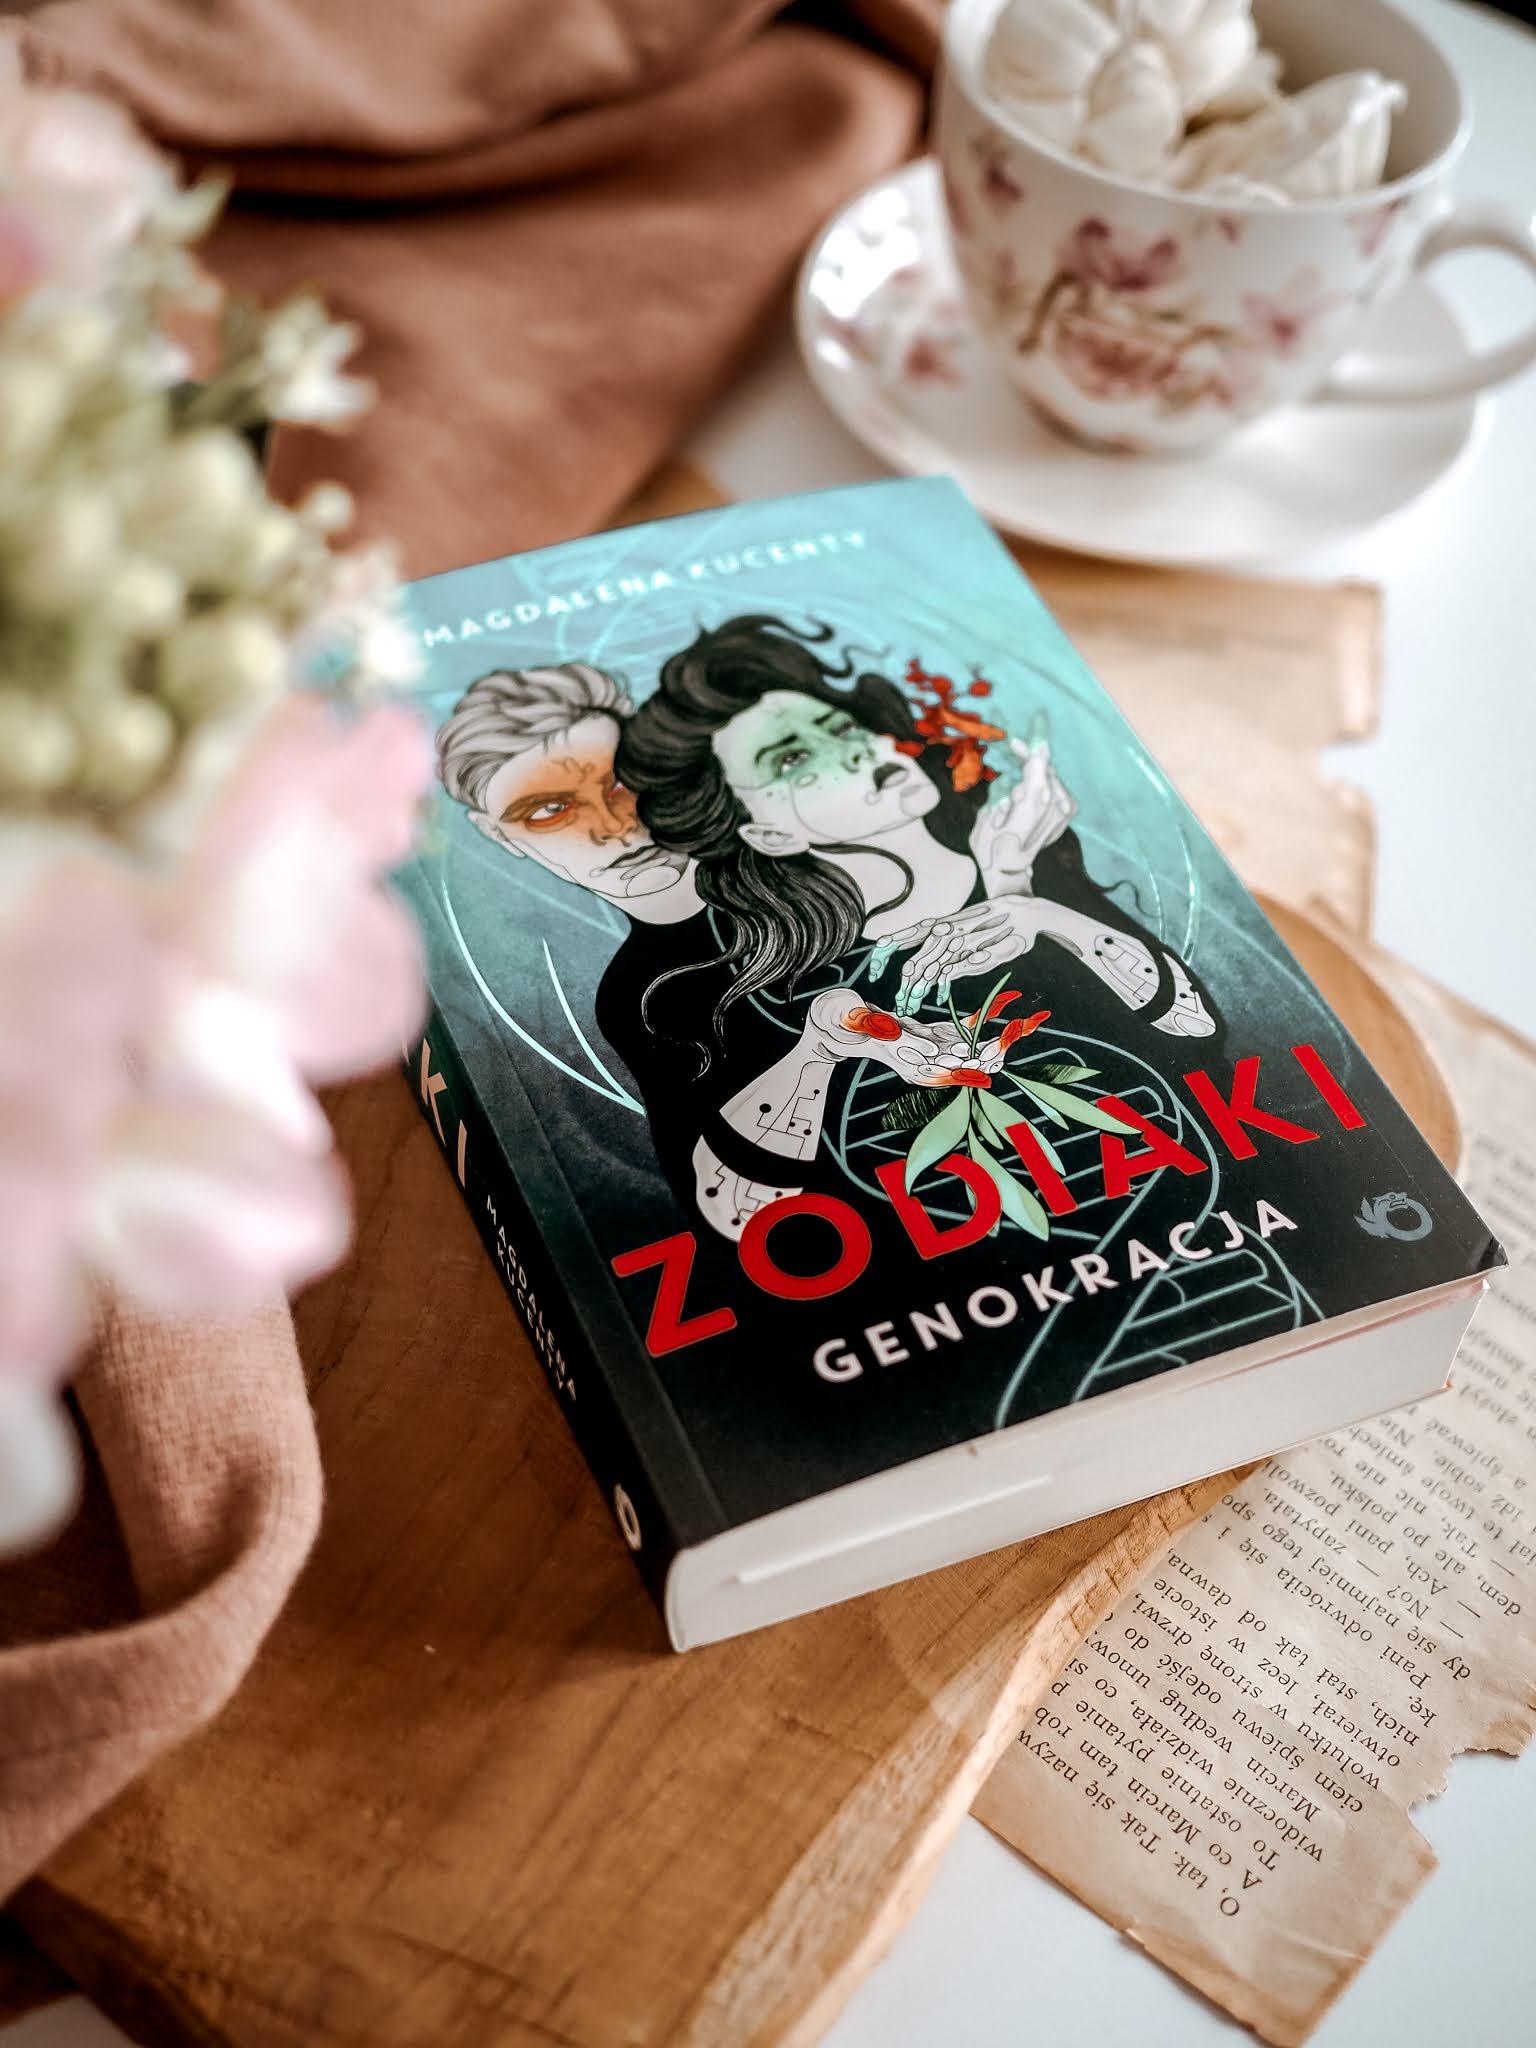 Zodiaki. Genokracja – Magdalena Kucenty